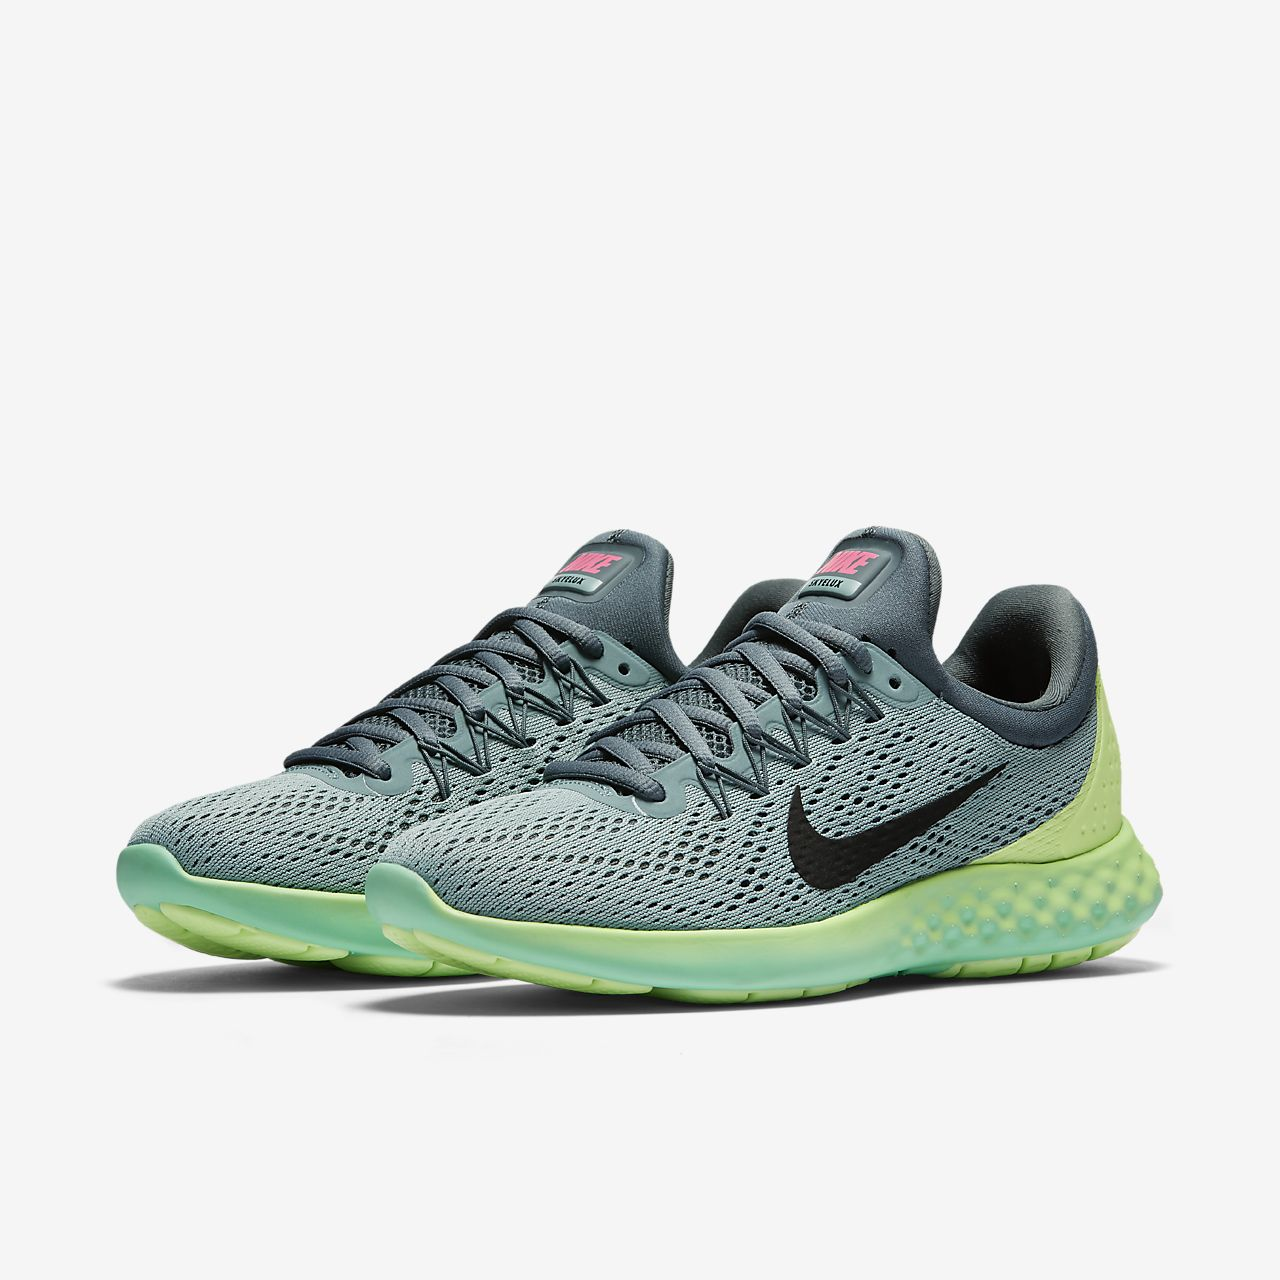 nike shoes 3 choix des 856887